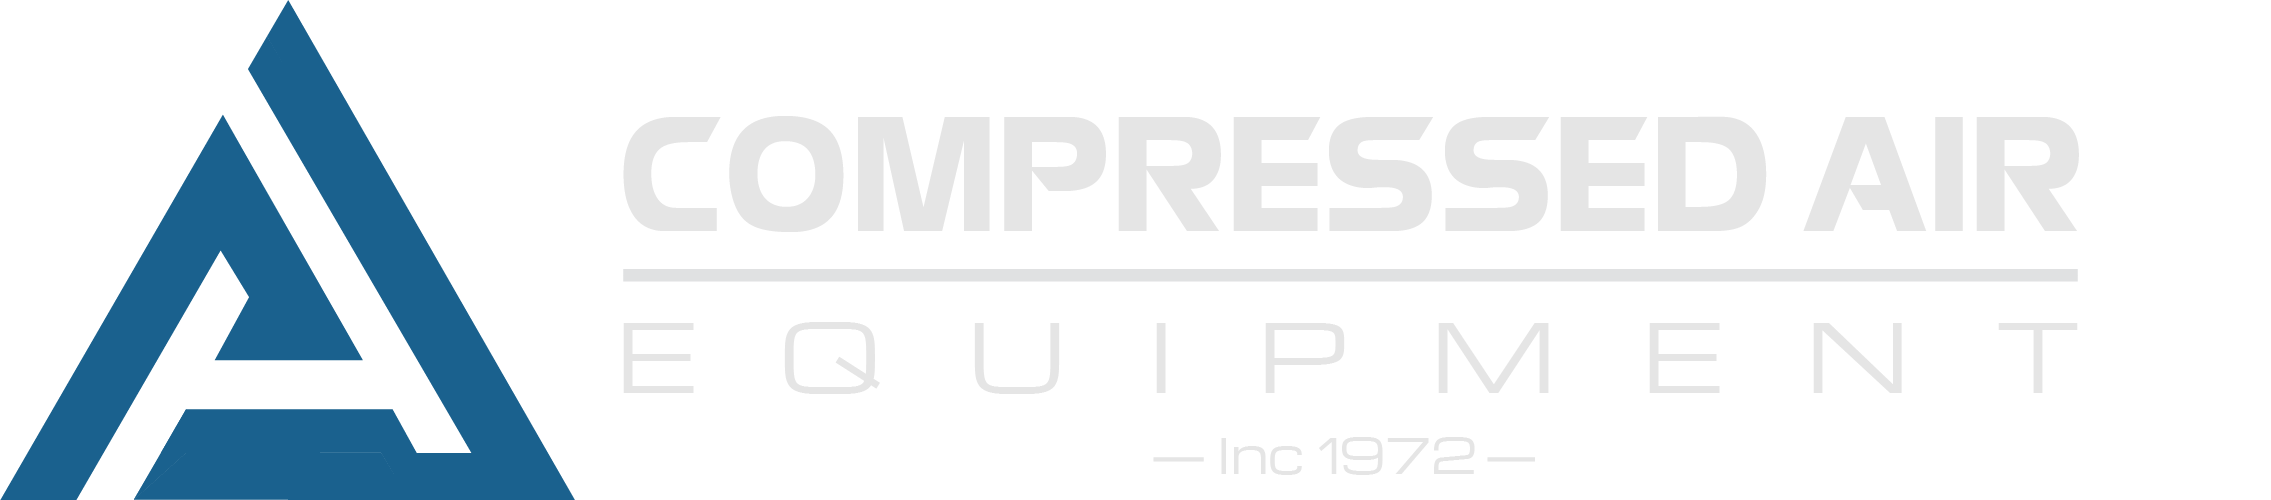 Compressed Air Equipment Inc.